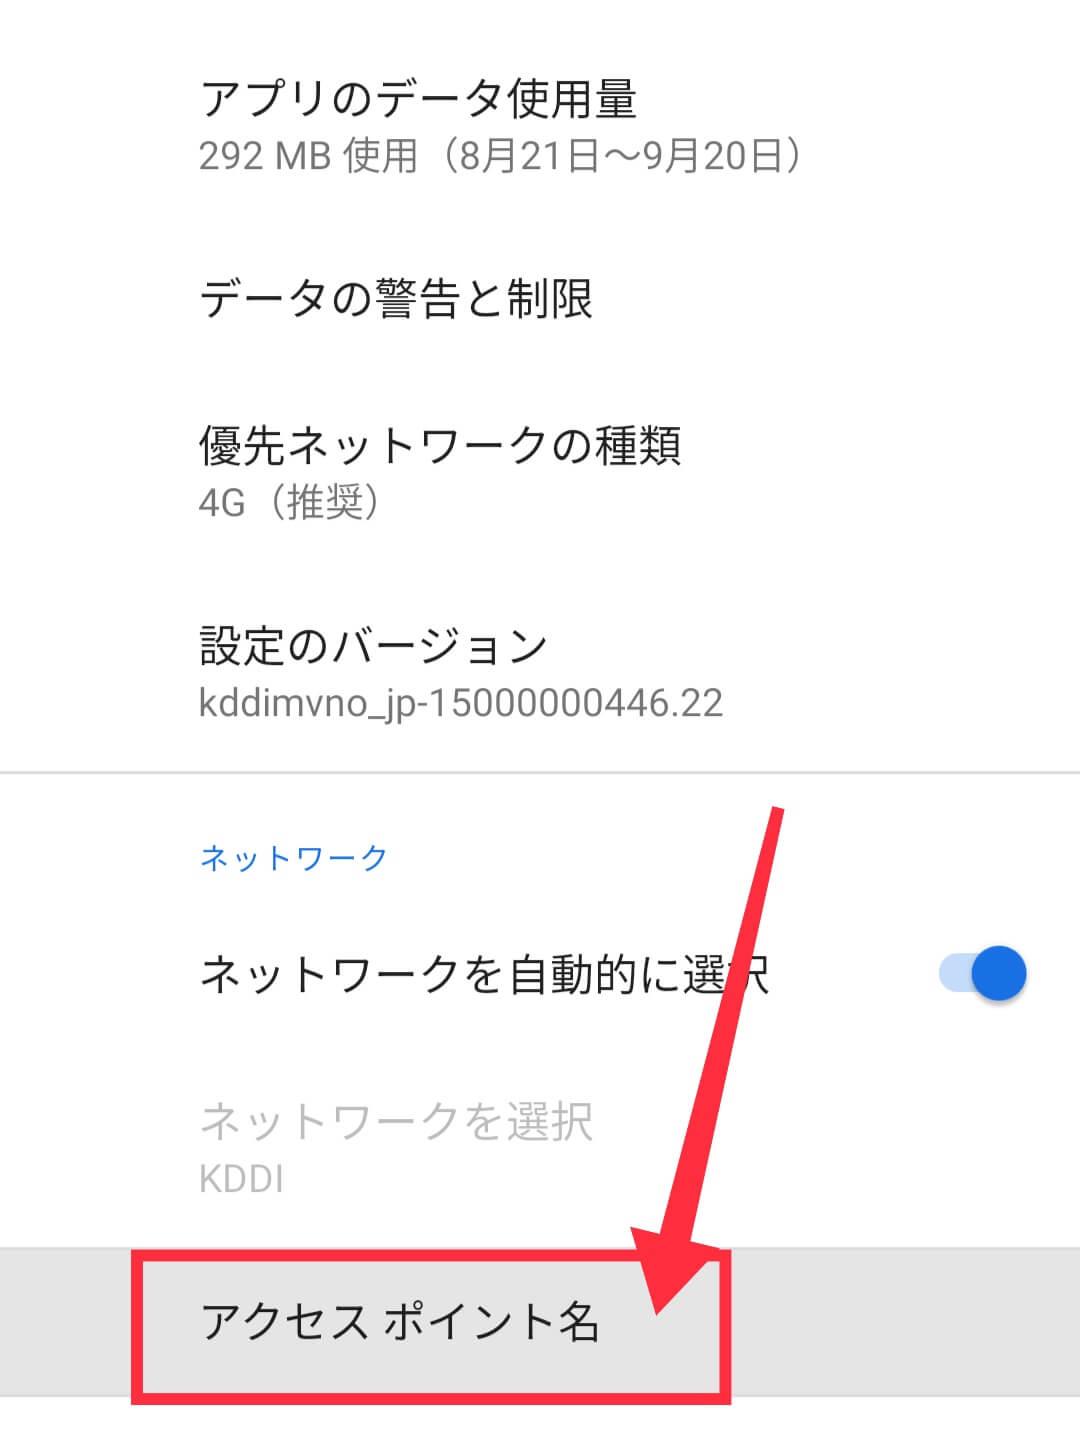 Google Pixel 4aのアクセスポイント名